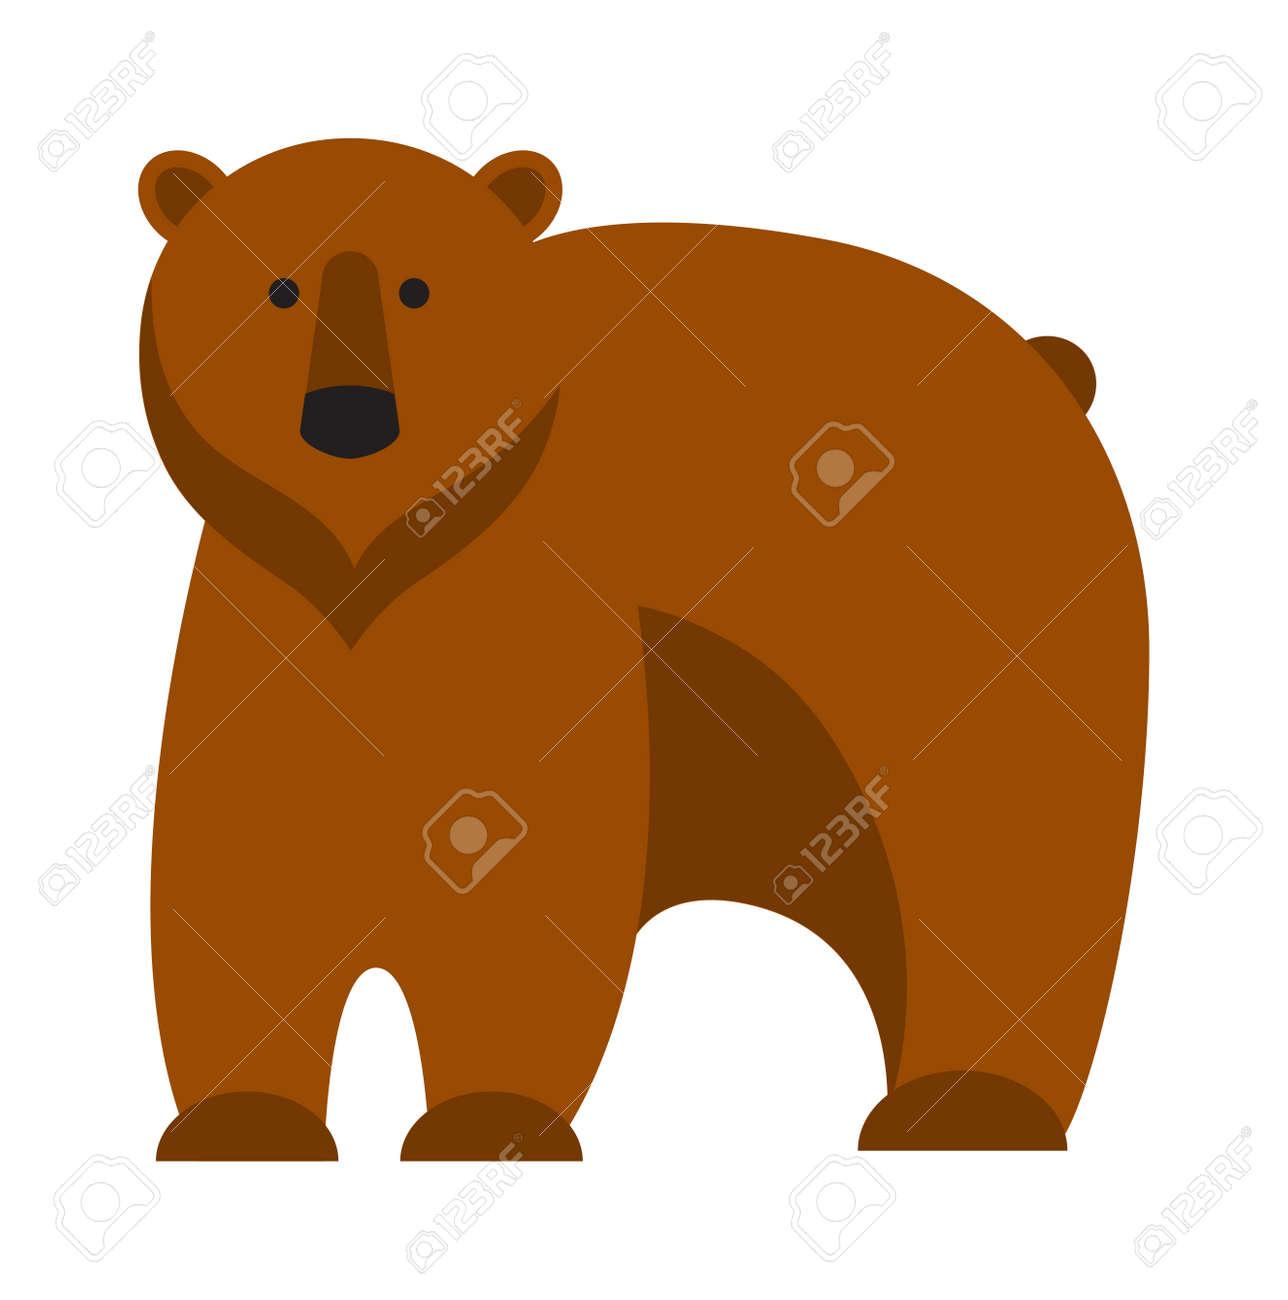 楽しい動物園漫画クマと漫画イラストを負担します。茶色のクマのかわいい